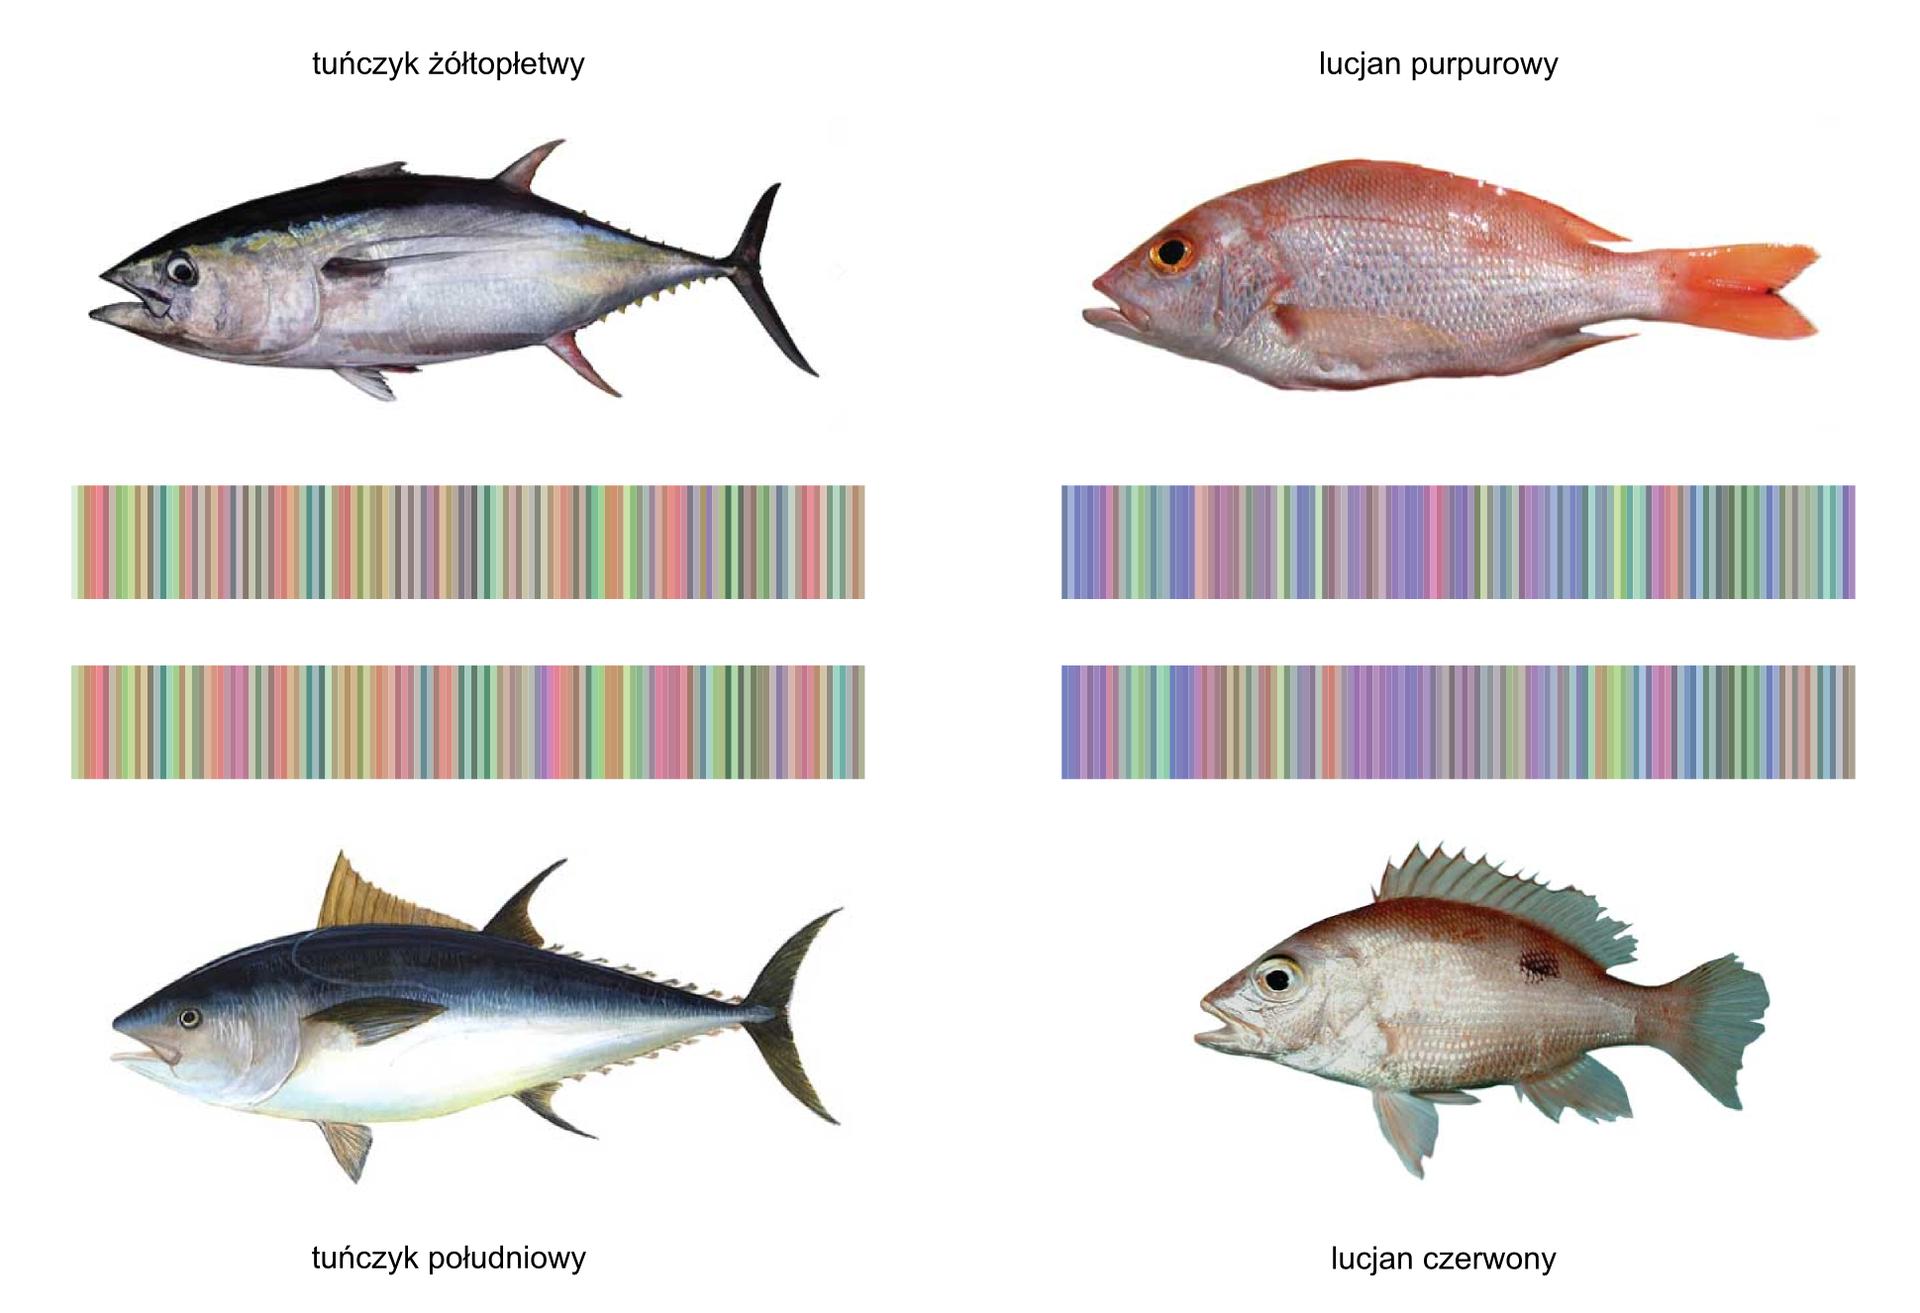 Fotografia przedstawia cztery ryby różnych gatunków wdwóch rzędach. Wśrodku znajdują się cztery kolorowe kody kreskowe, odpowiadające poszczególnym rybom.